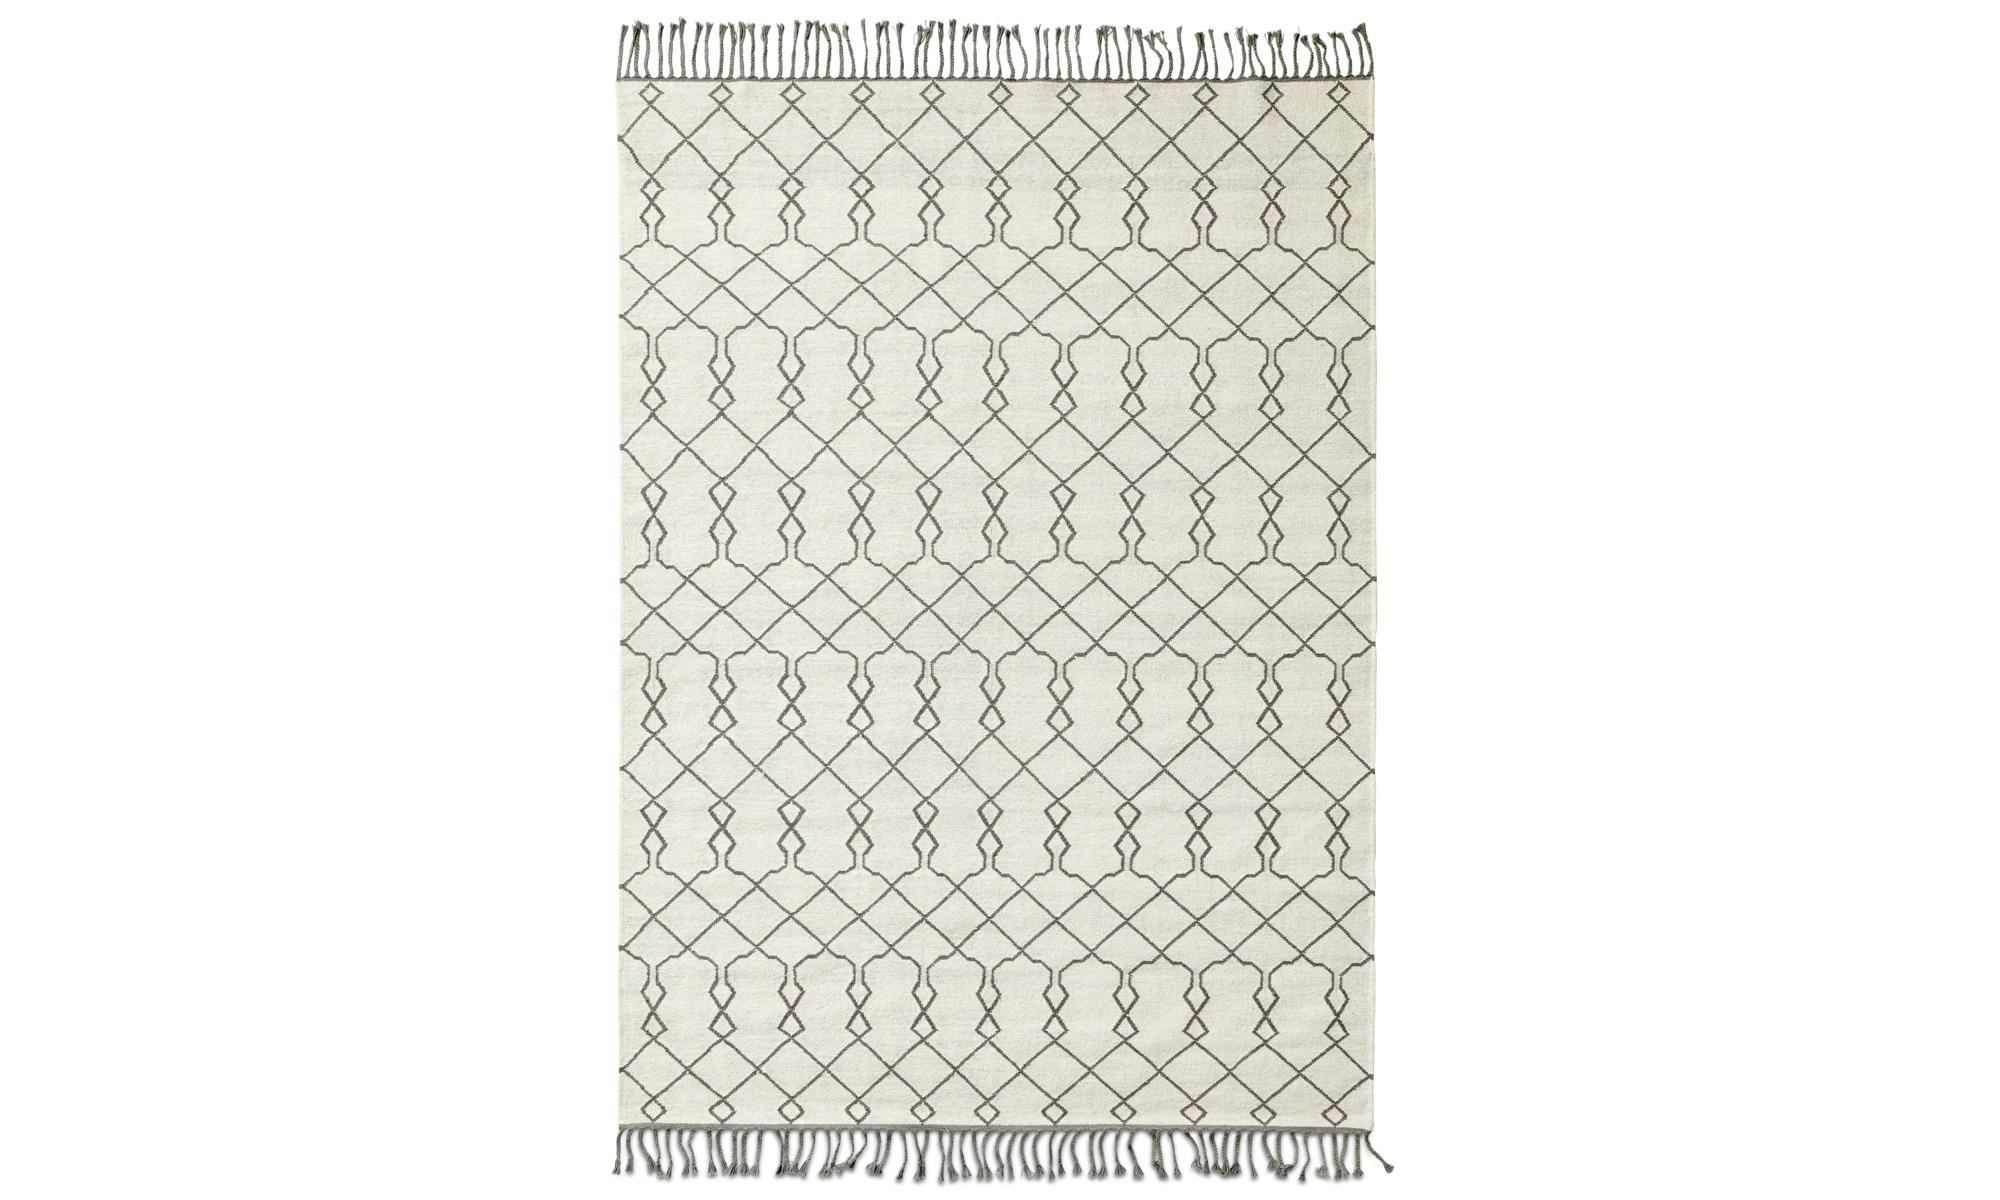 Dywany - Dywan Stroc - prostokątny - Biały - Tkanina